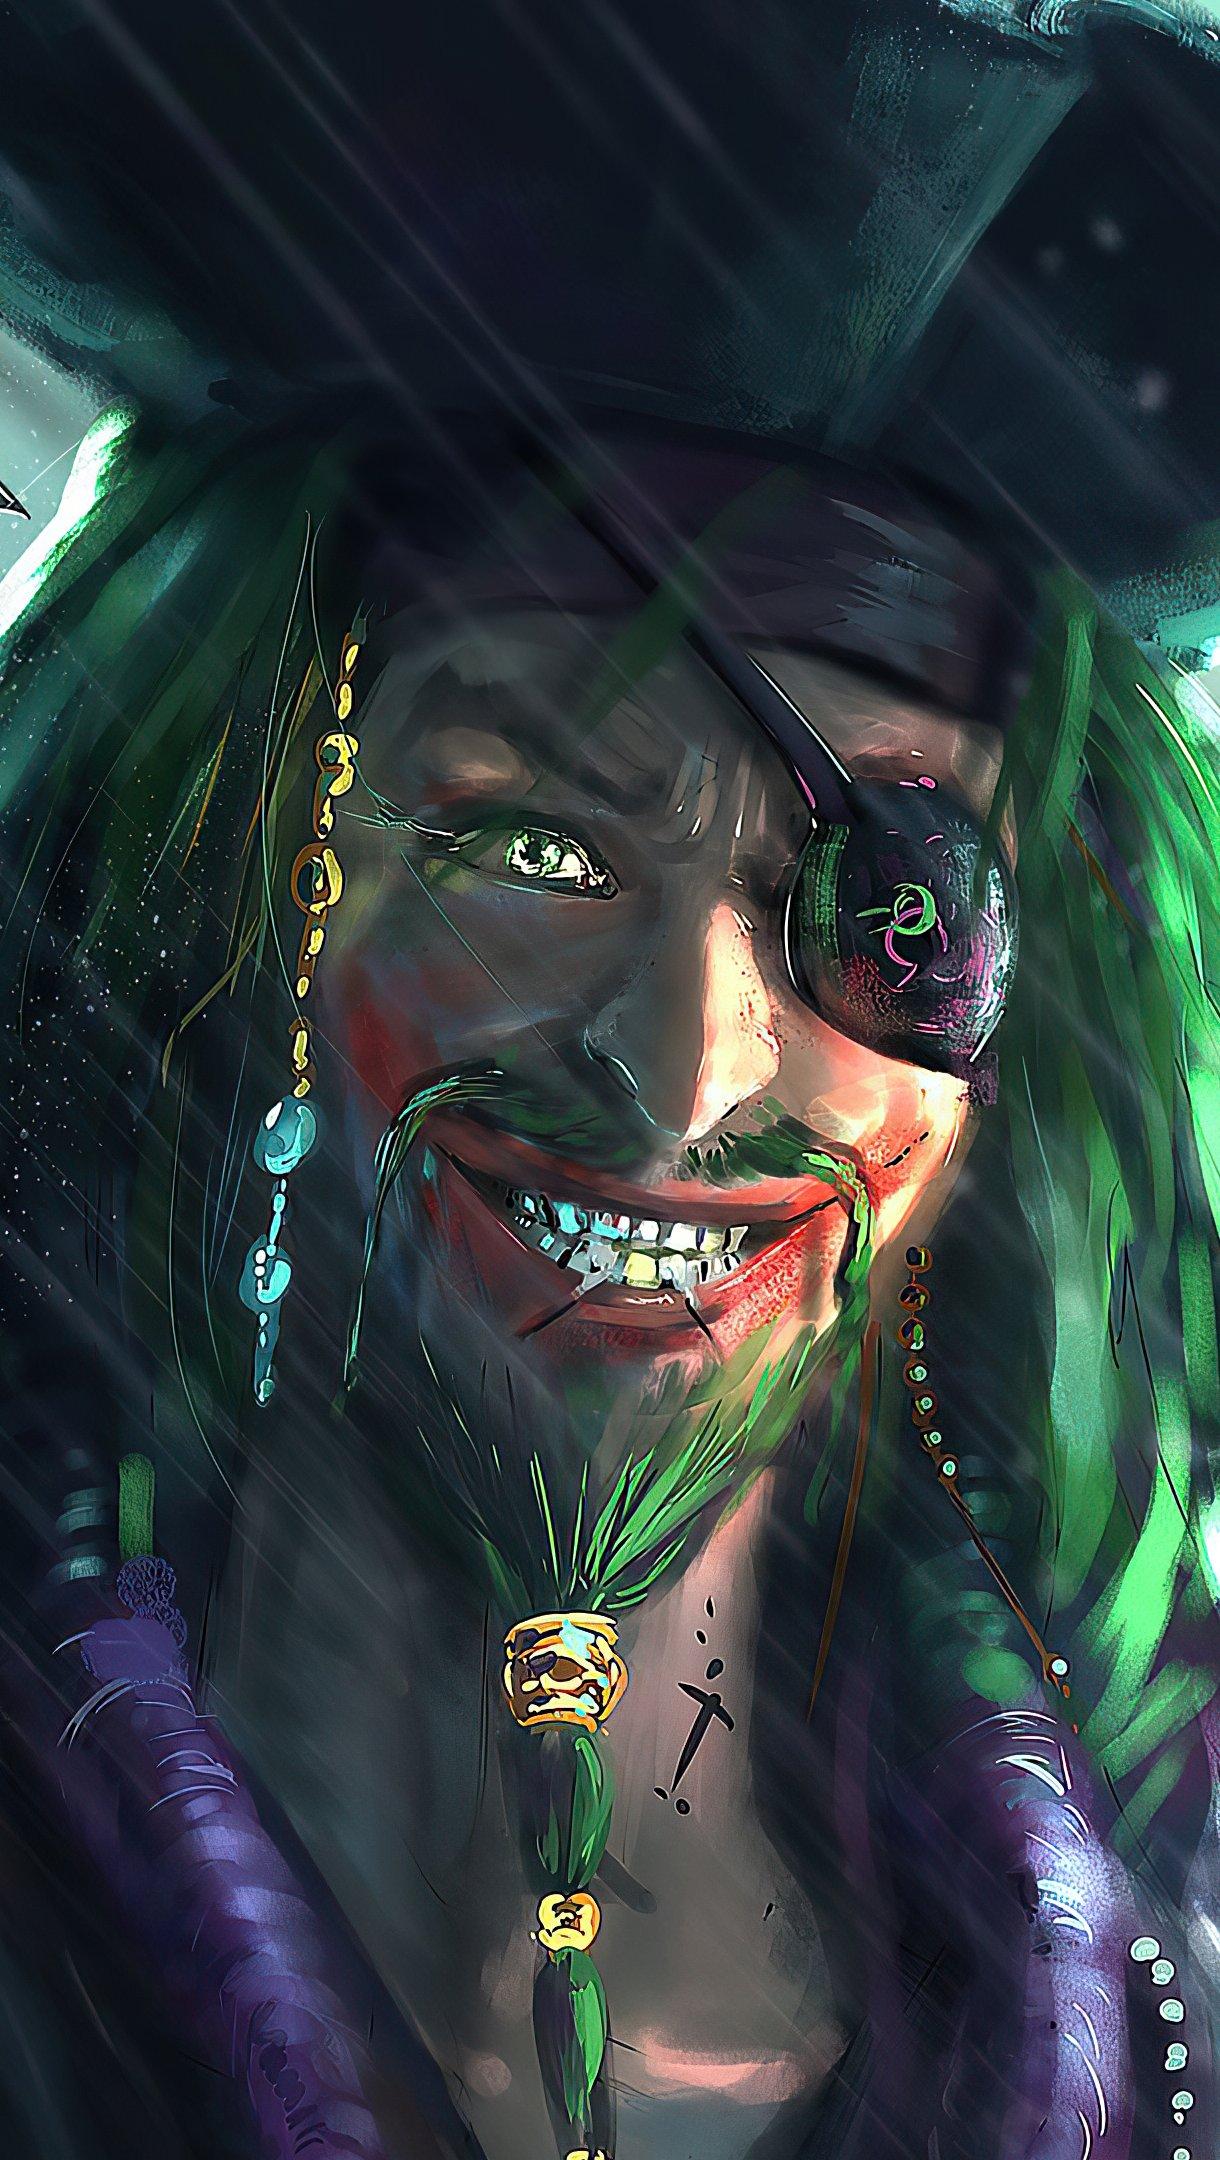 Fondos de pantalla El Guasón como pirata Vertical